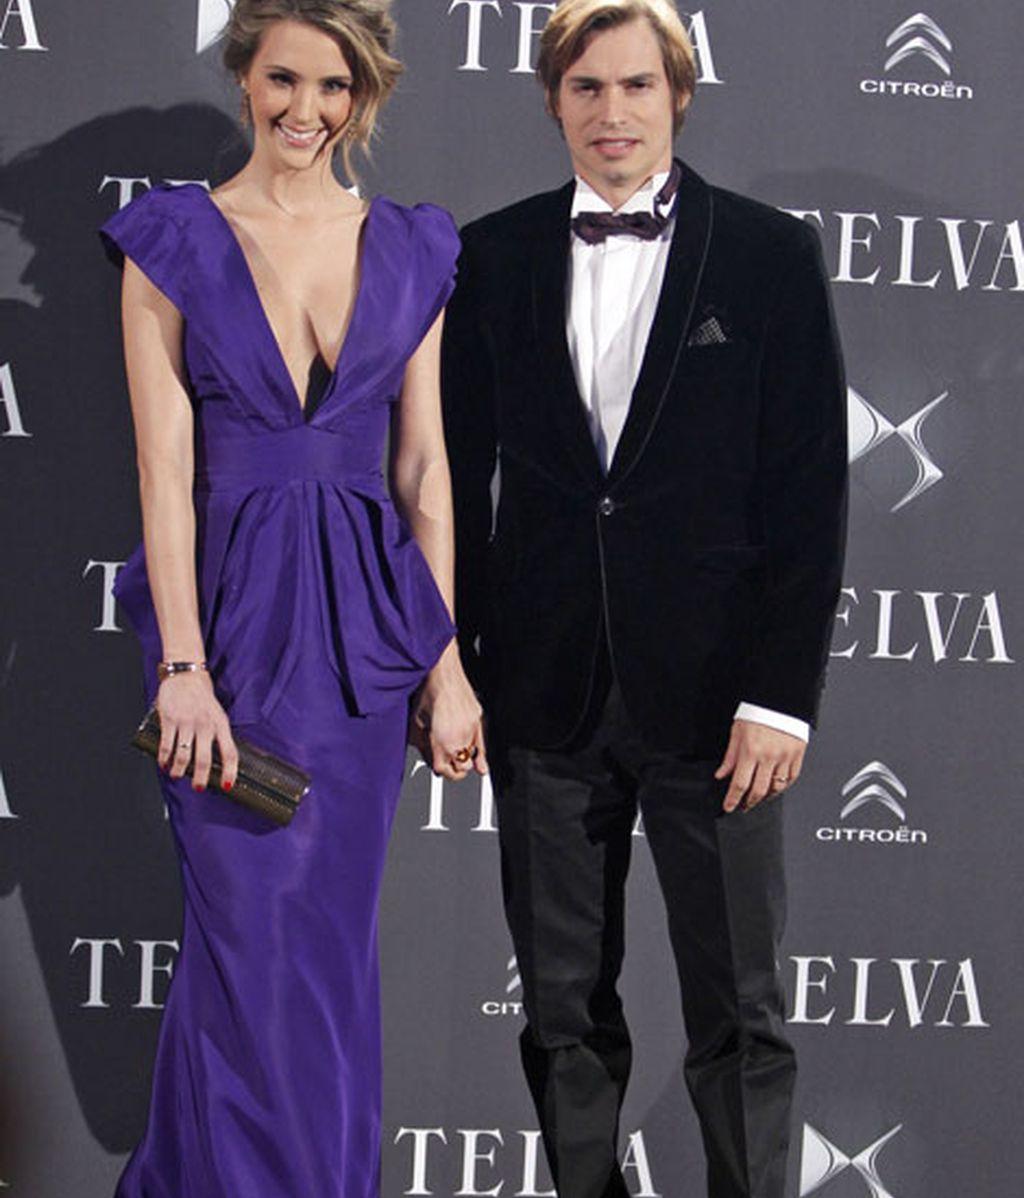 Carlos Baute acudió acompañado por su mujer, Astrid Klisans